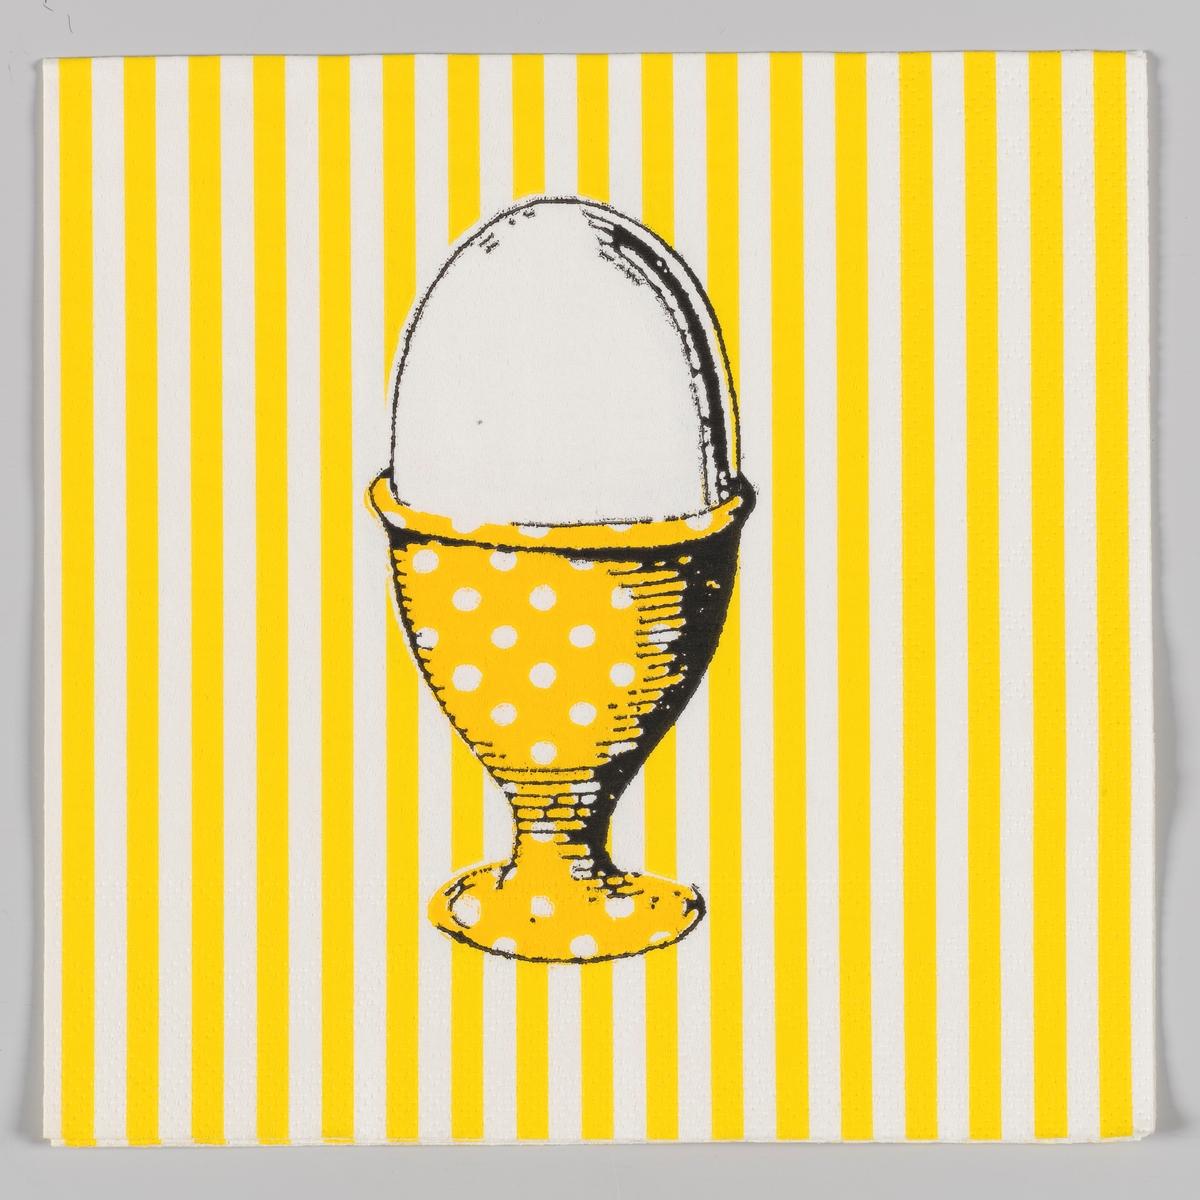 Et egg i et eggebeger utsmykket med hvite prikker på en gul og hvit stripet bakgrunn.